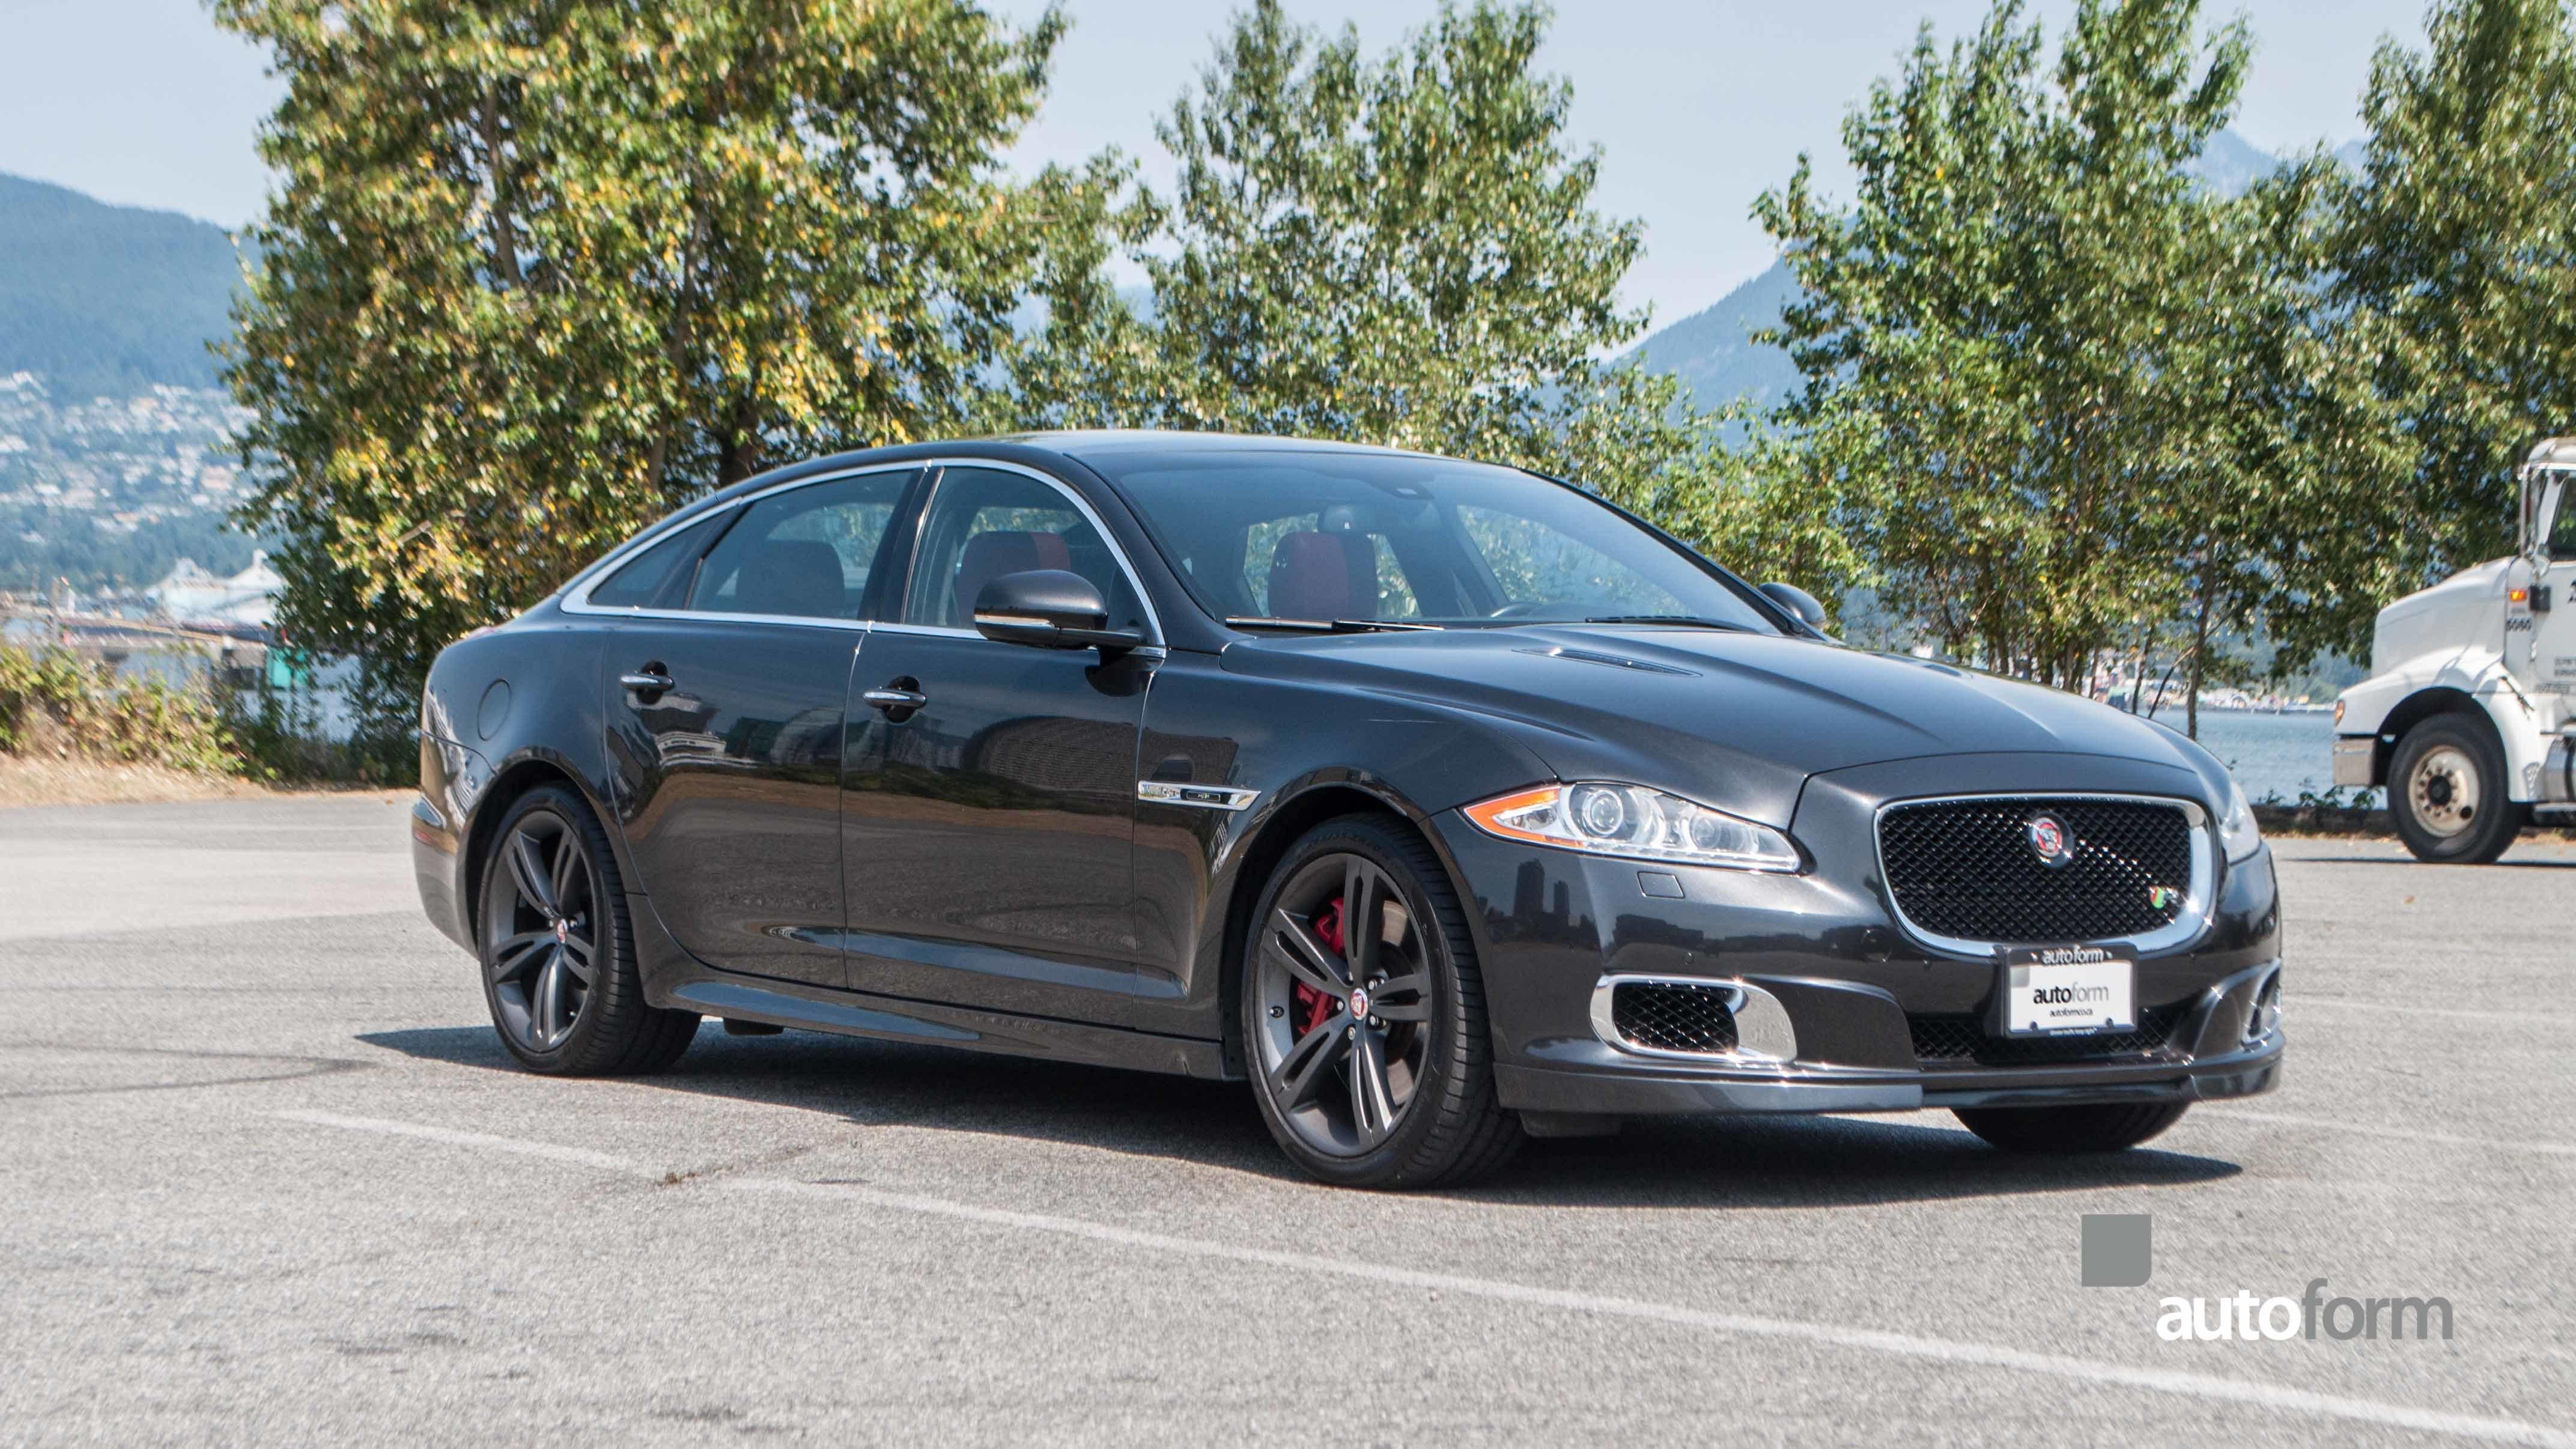 vehicle jaguar prestige sydney city luxury xf sedan